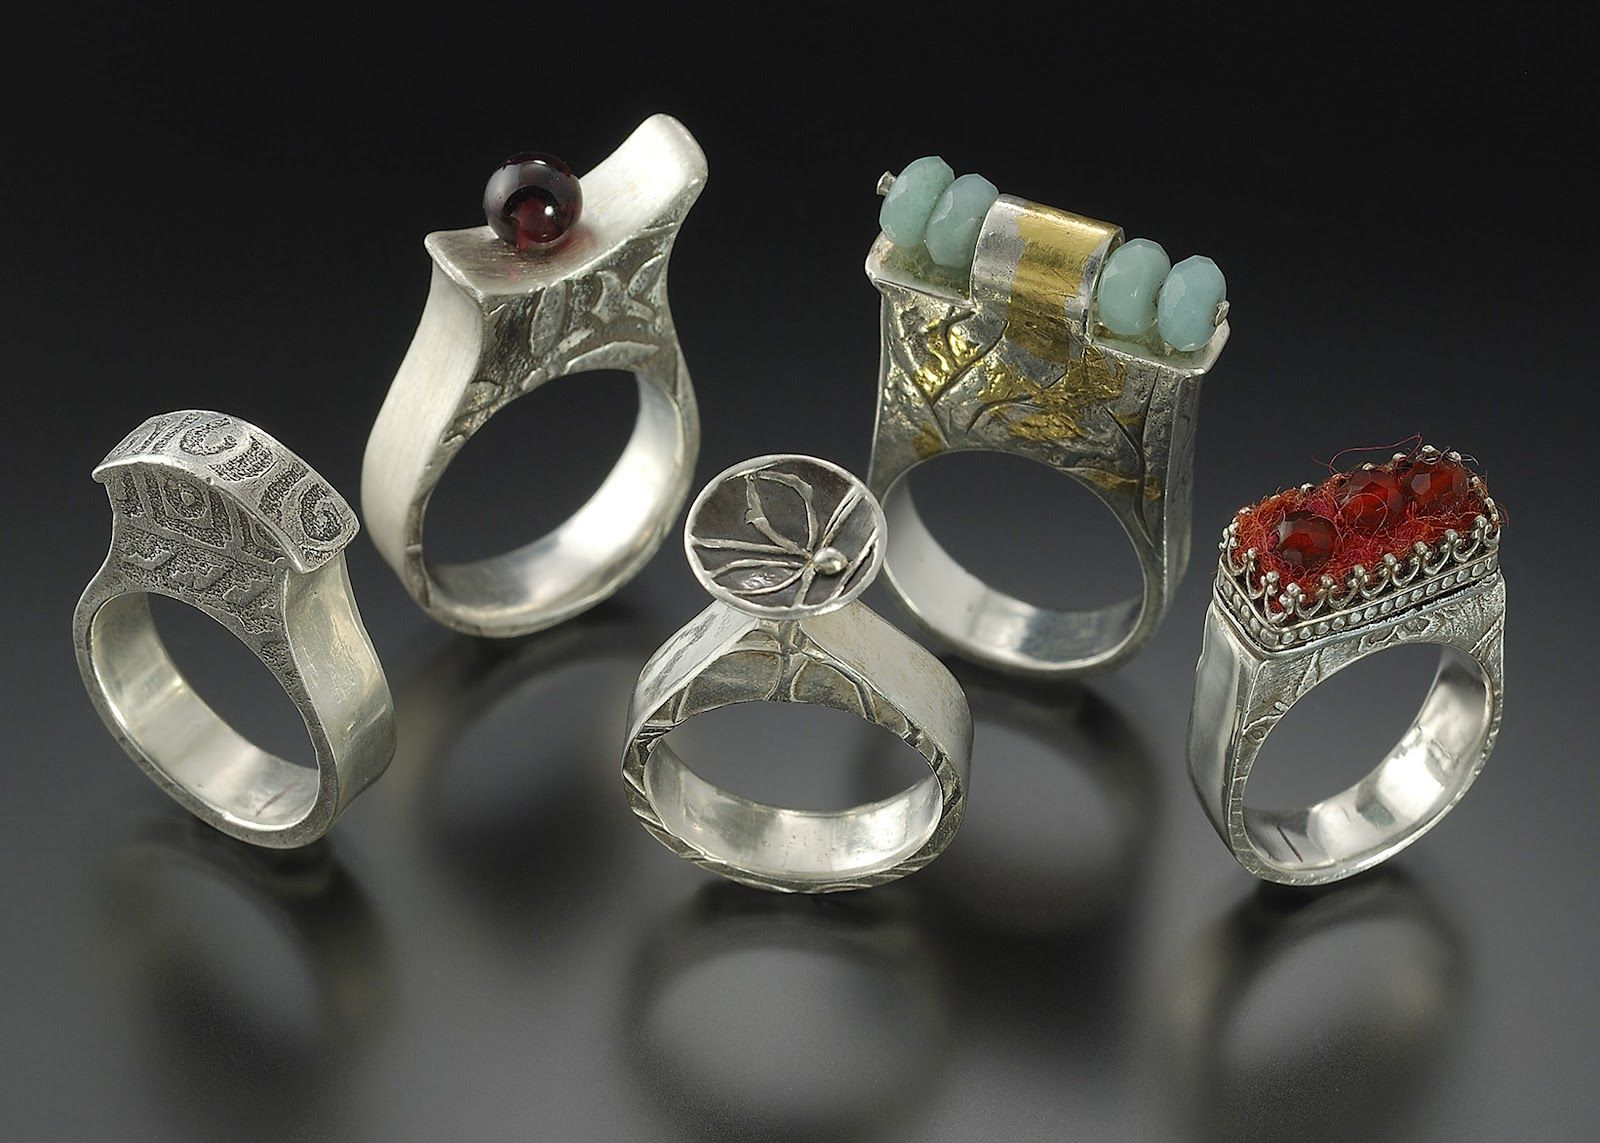 lora hart blogs lora hart s jewels rings made using